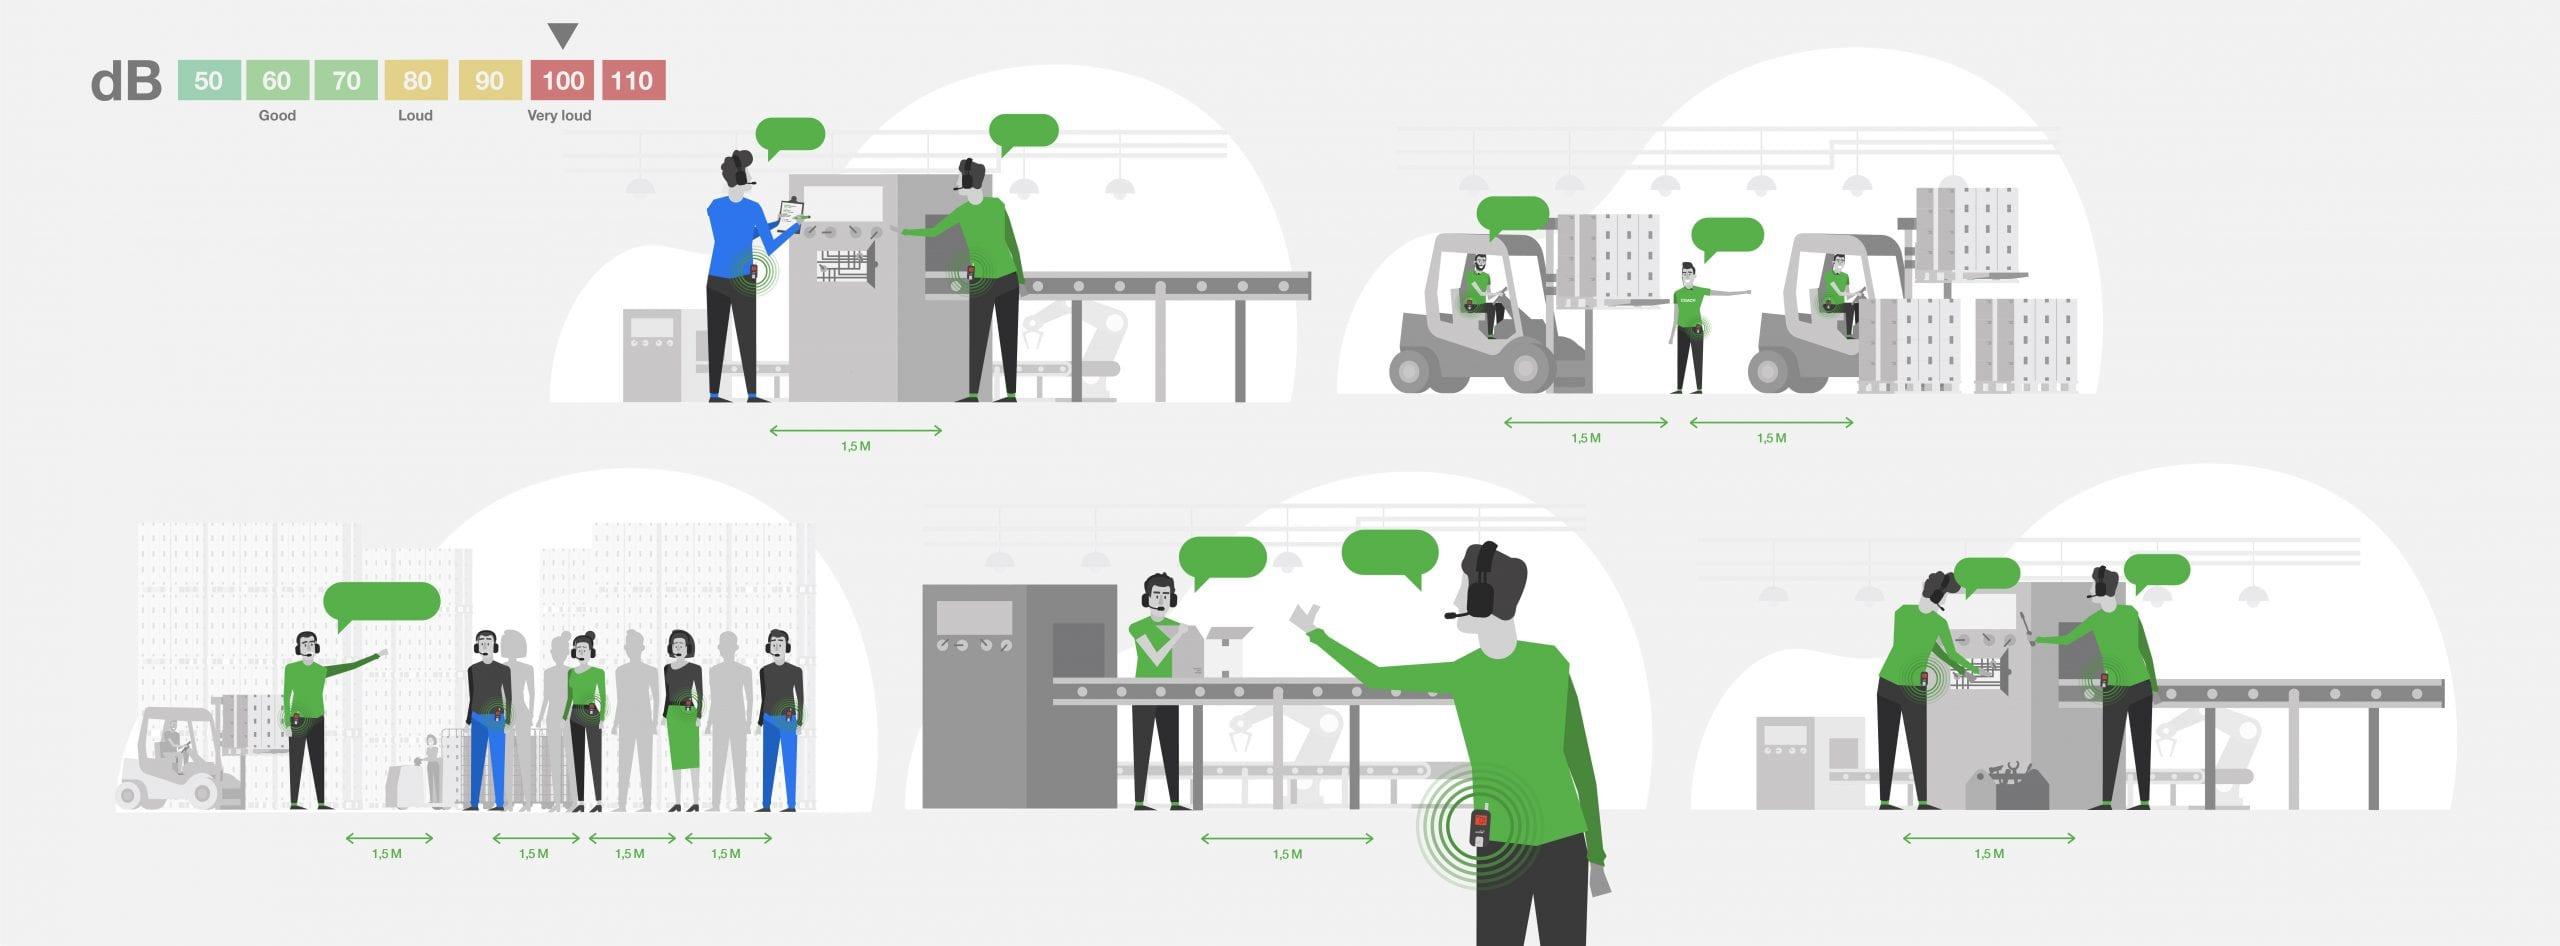 axiwi-veilig-hygienisch-op-afstand-communiceren-fabriek-productieomgeving